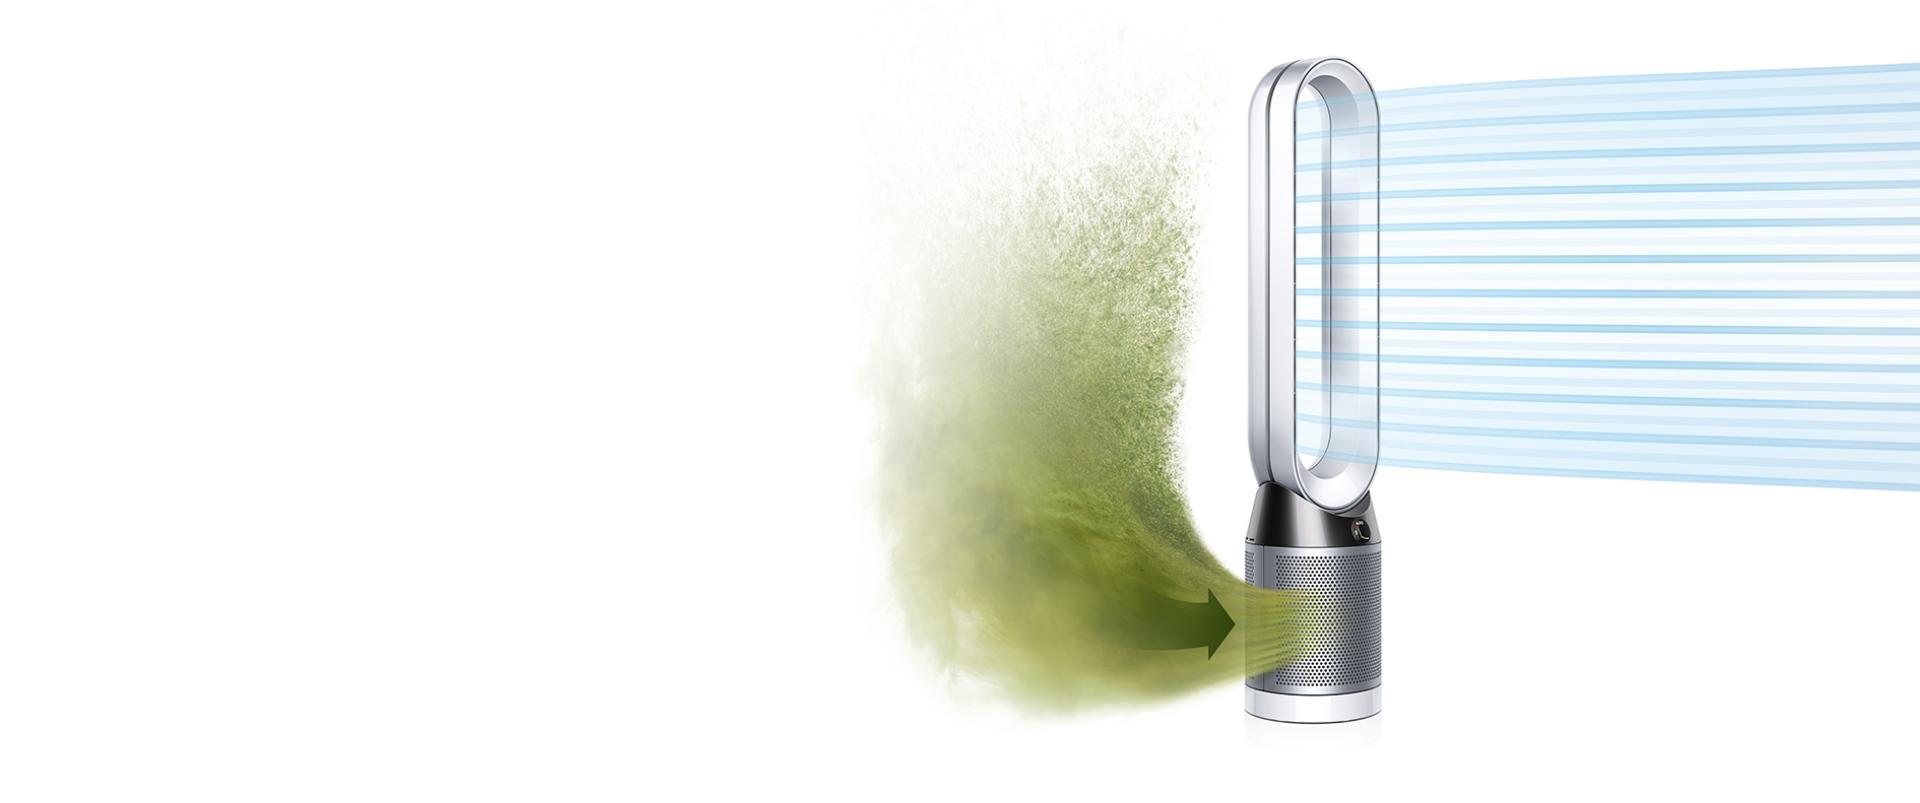 Dyson Pure Cool kirli havayı içerisine çekip temiz havayı dışarı veriyor